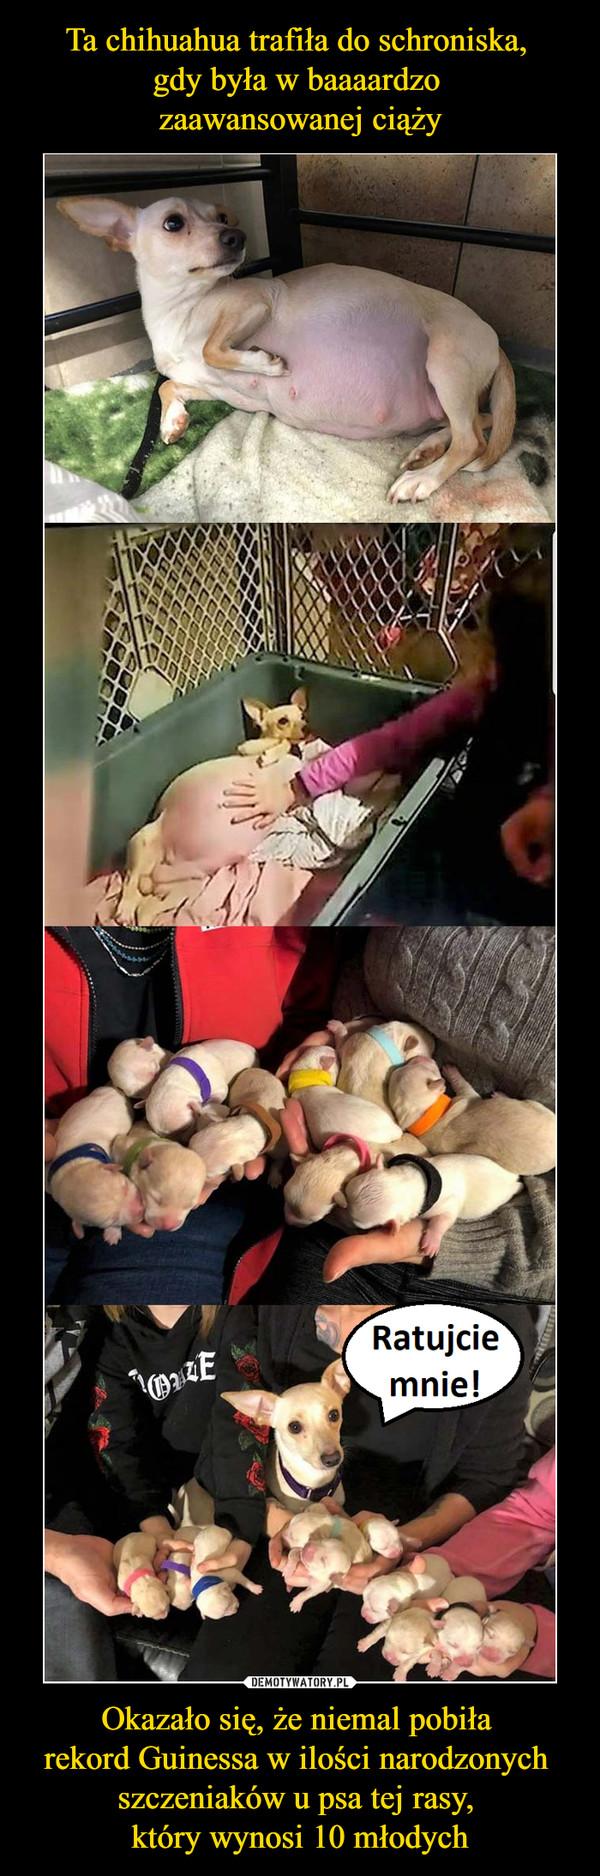 Okazało się, że niemal pobiła rekord Guinessa w ilości narodzonych szczeniaków u psa tej rasy, który wynosi 10 młodych –  Ratujcie mnie!